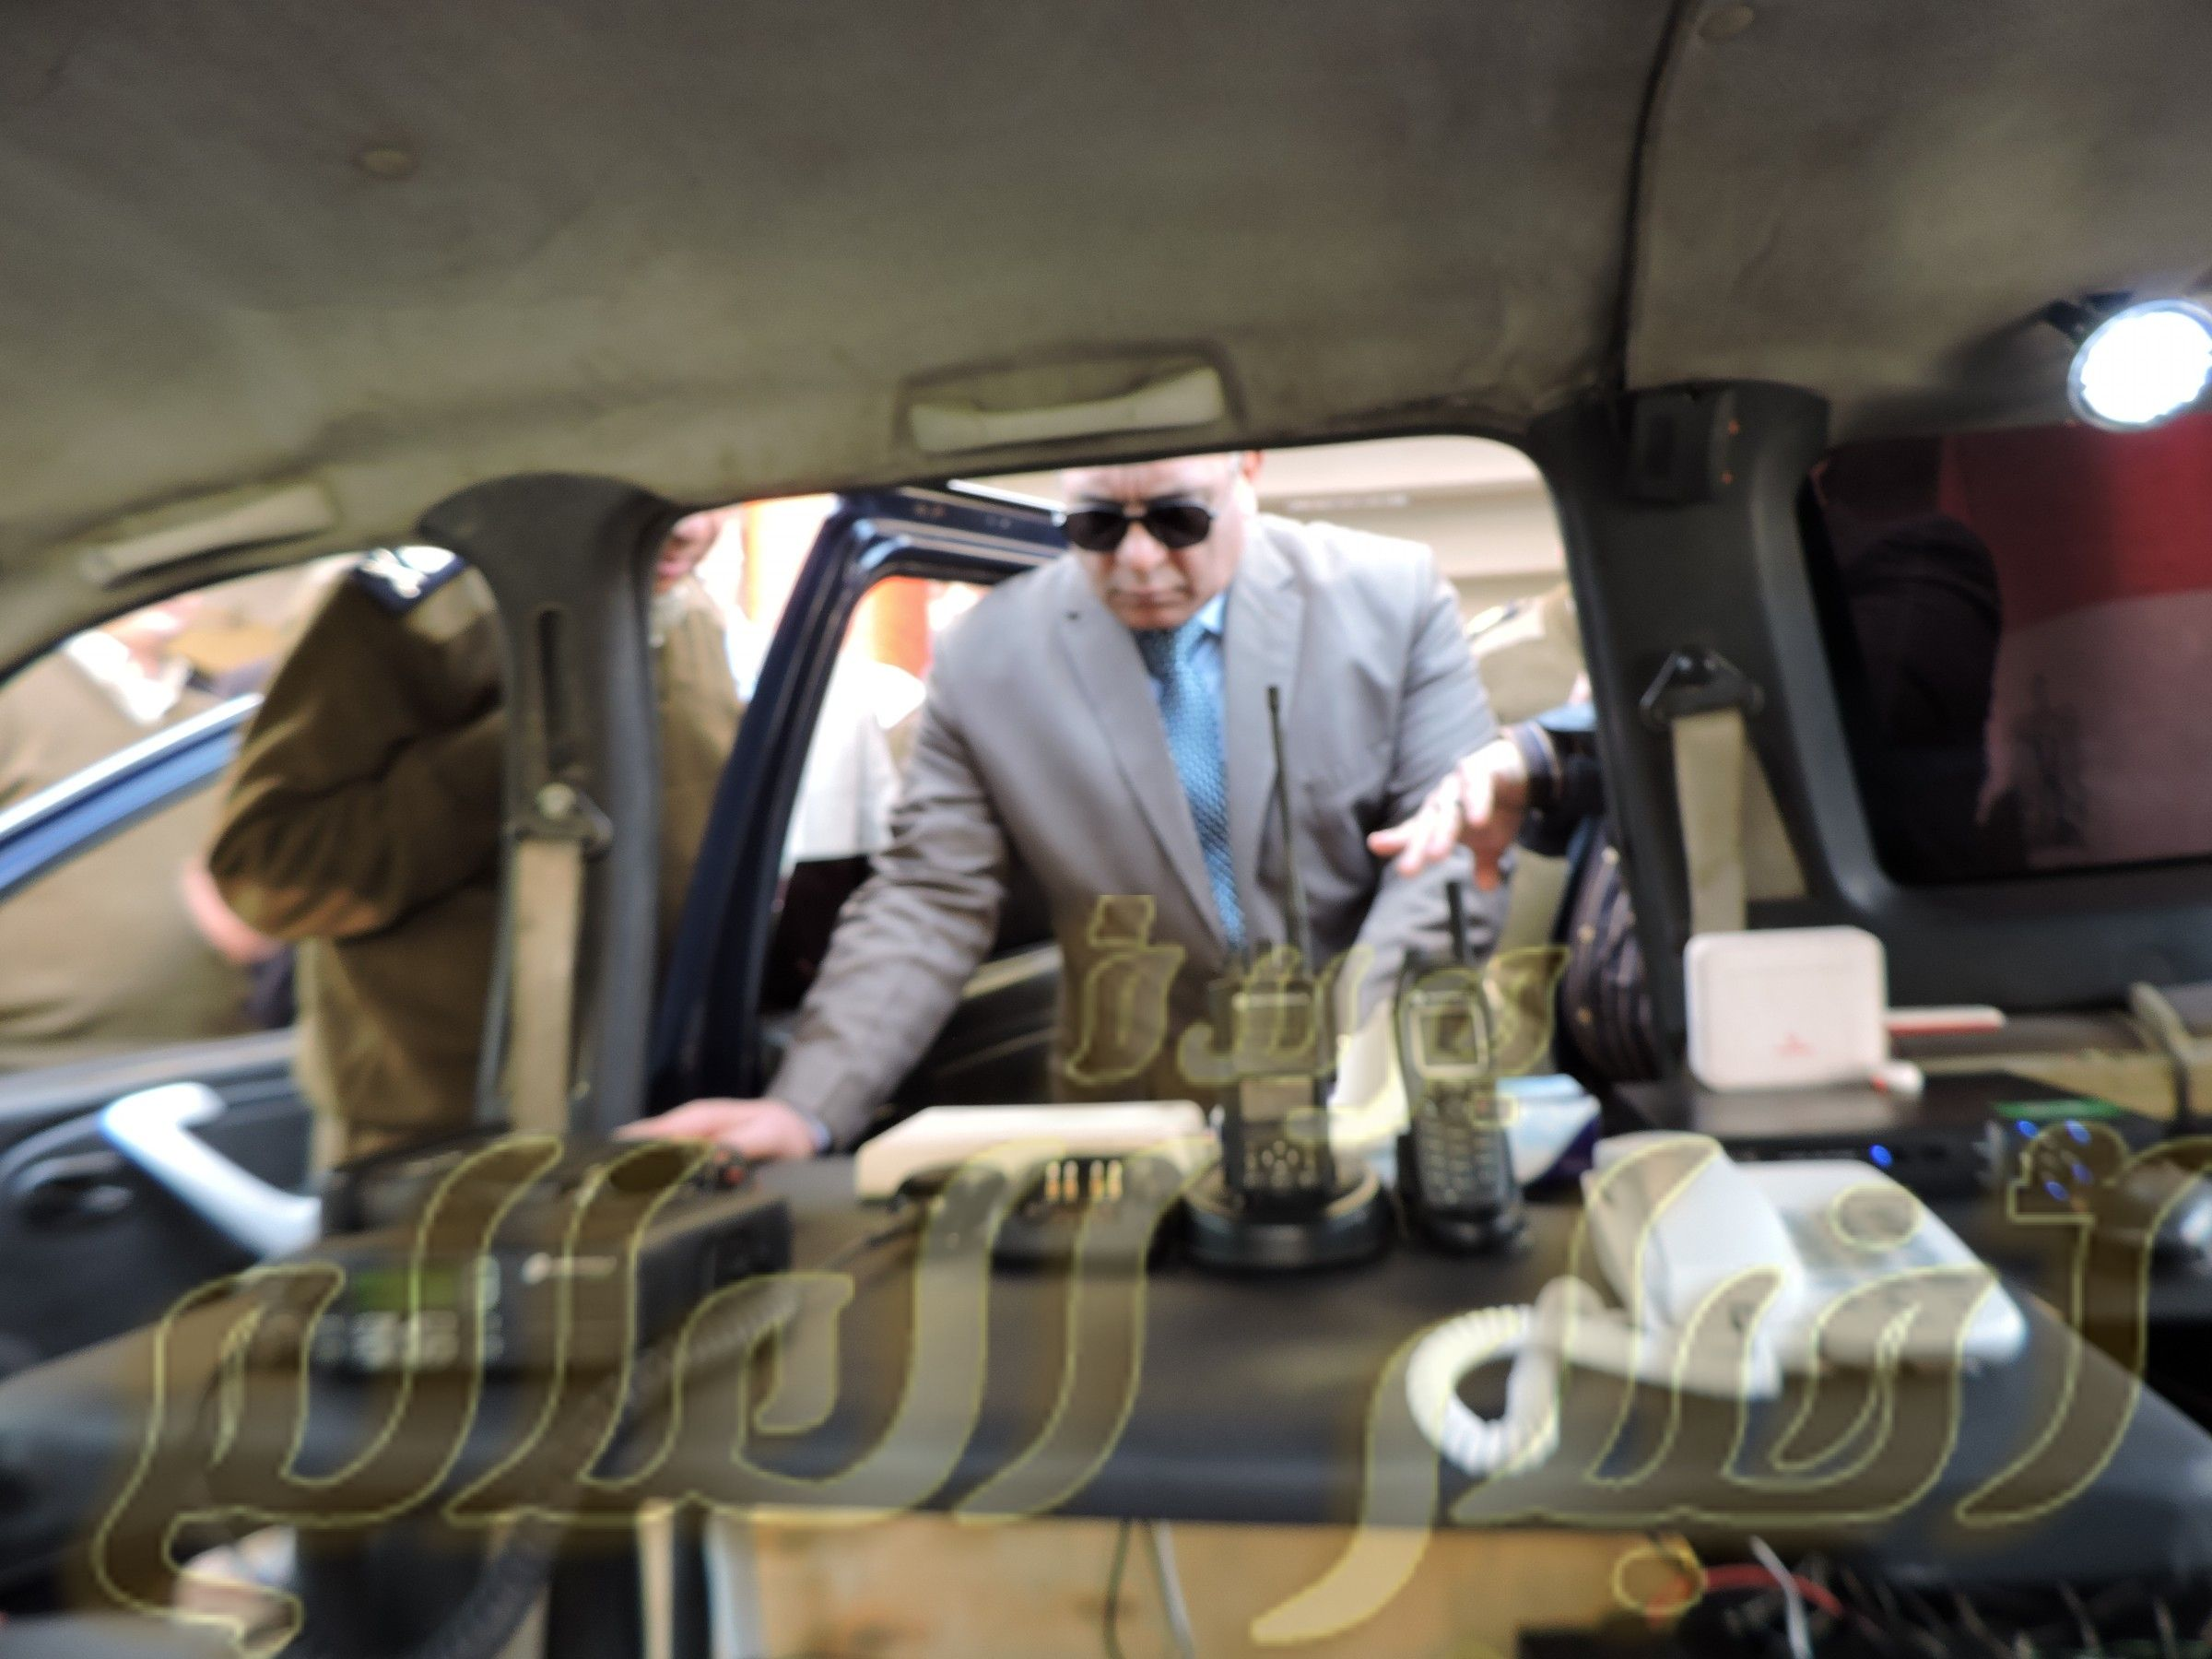 ضبط سائق حاول سرقة أسياخ حديد من كوبري التوفيقية Duffle Bag Bags Duffle